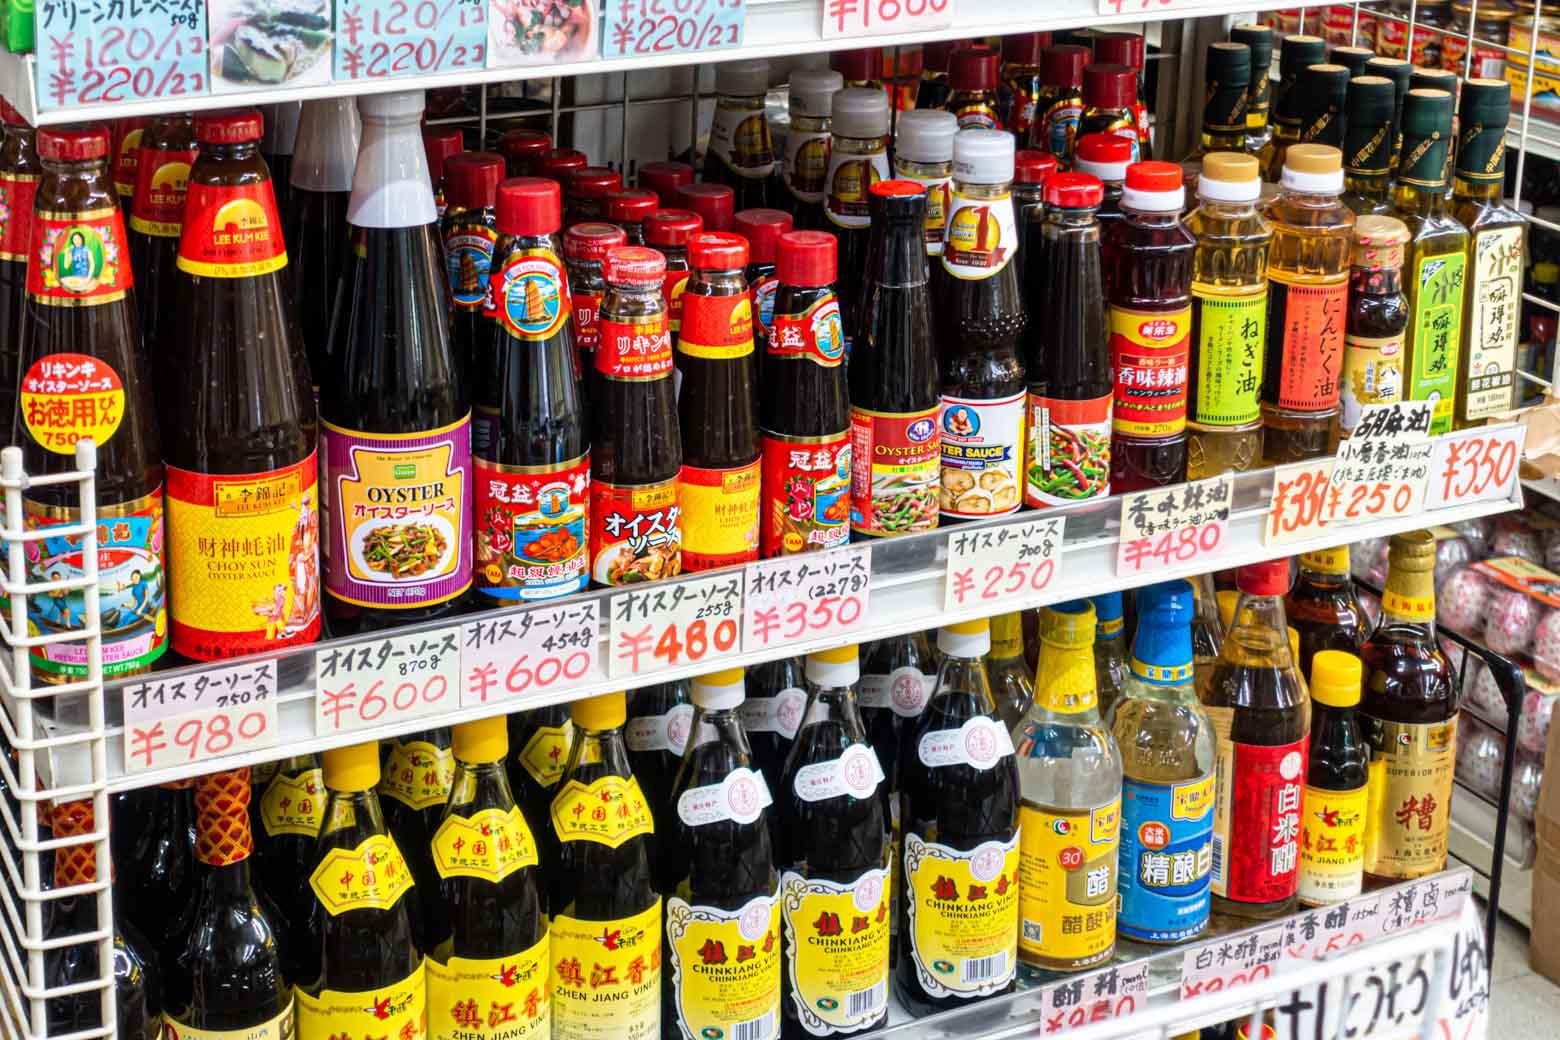 中国食材の専門店もあり、マニアックな調味料やスパイスなどを安価で入手できます。